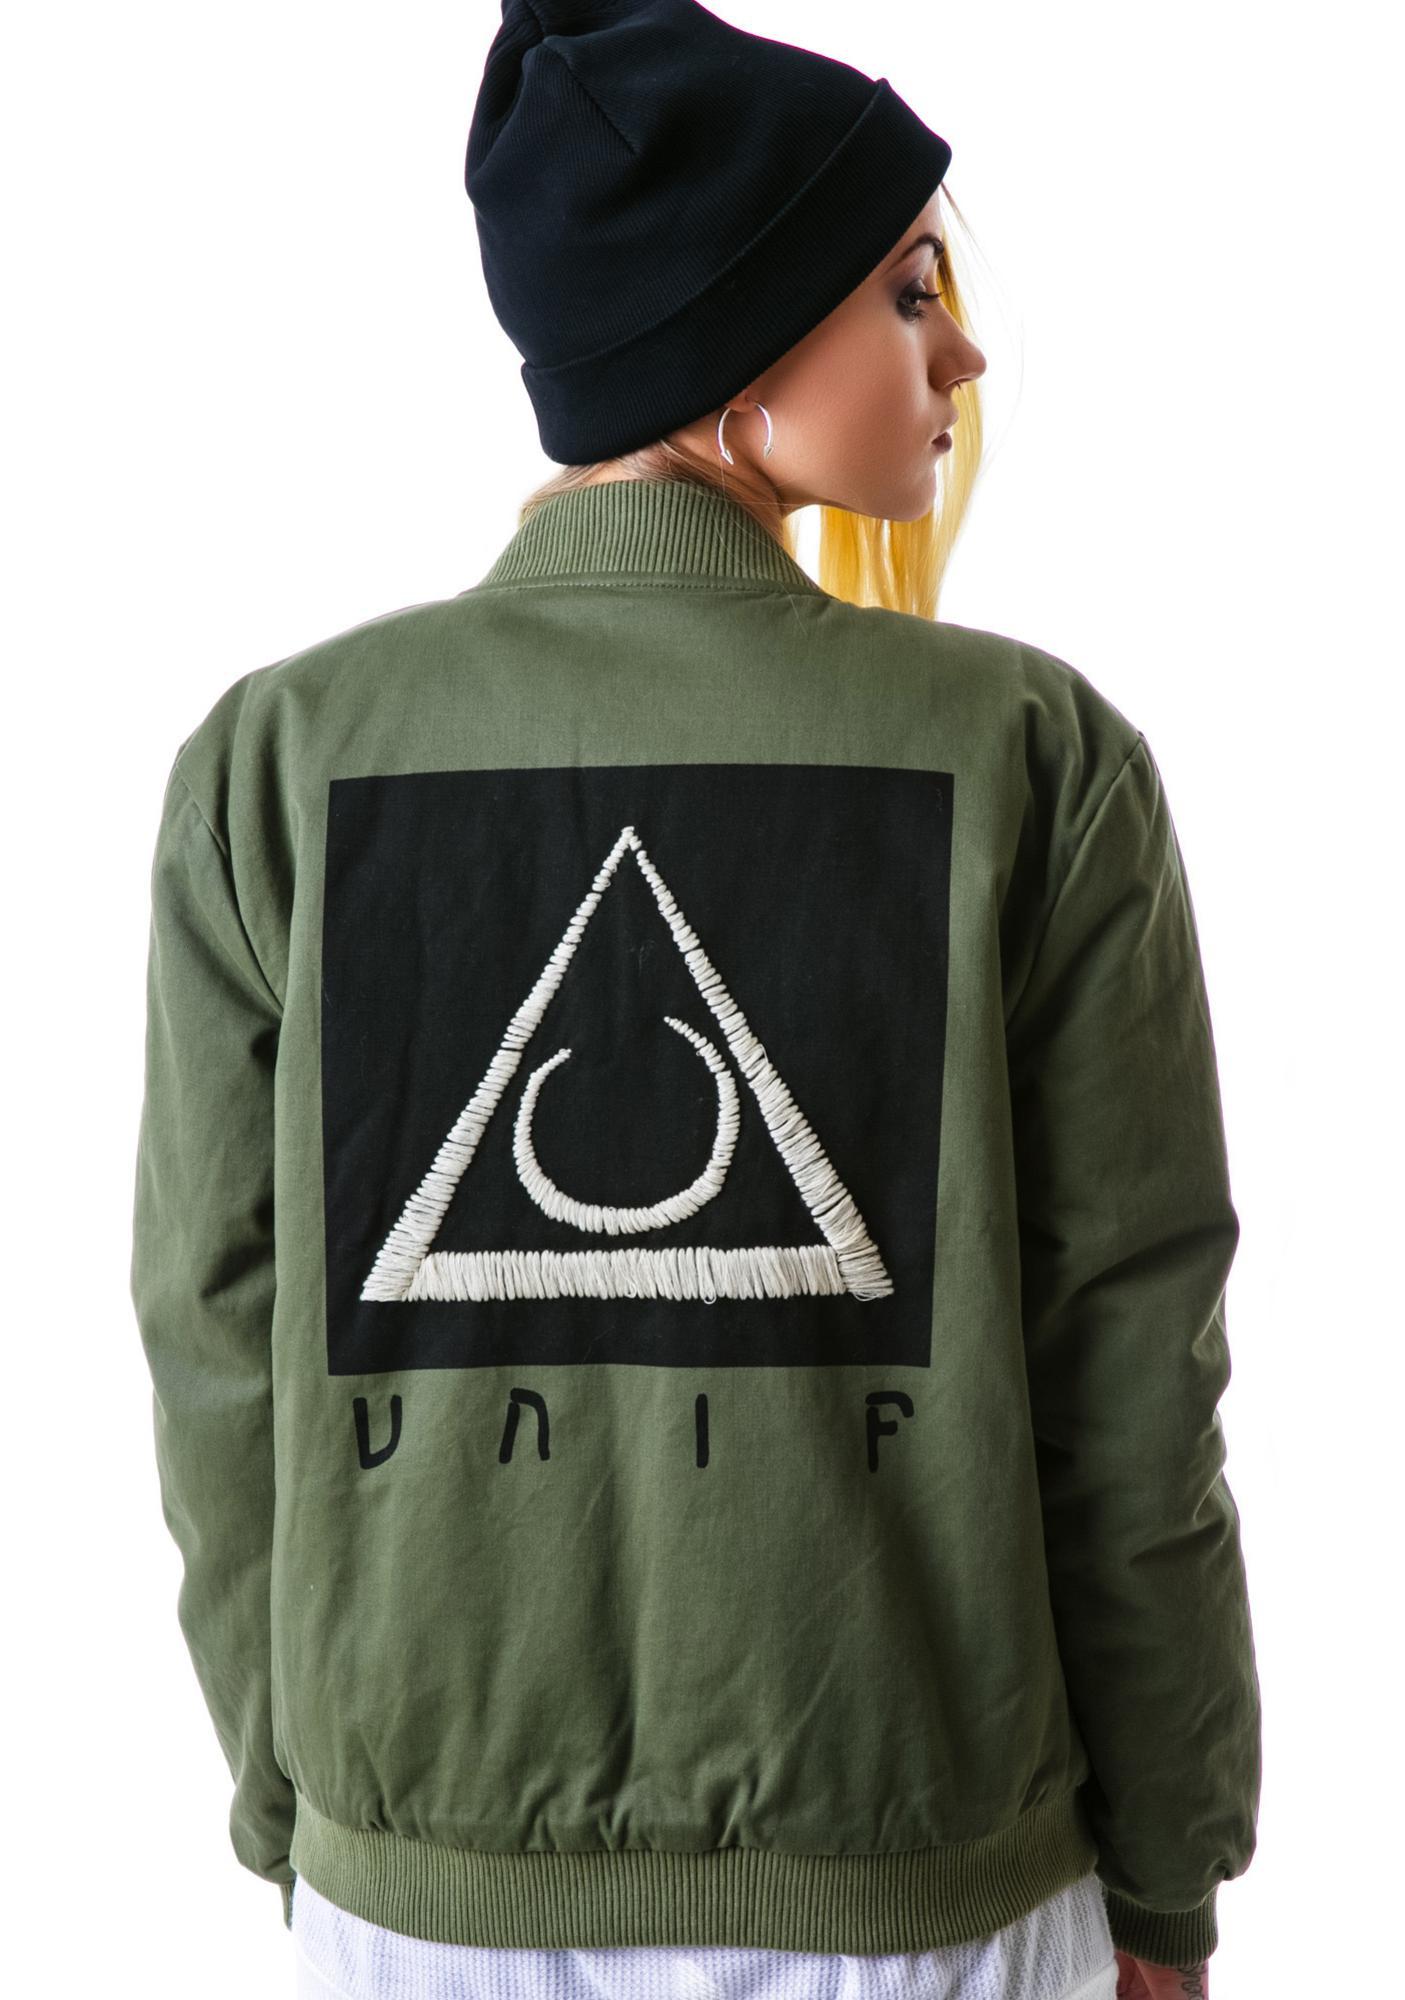 UNIF Trinity Bomber Jacket